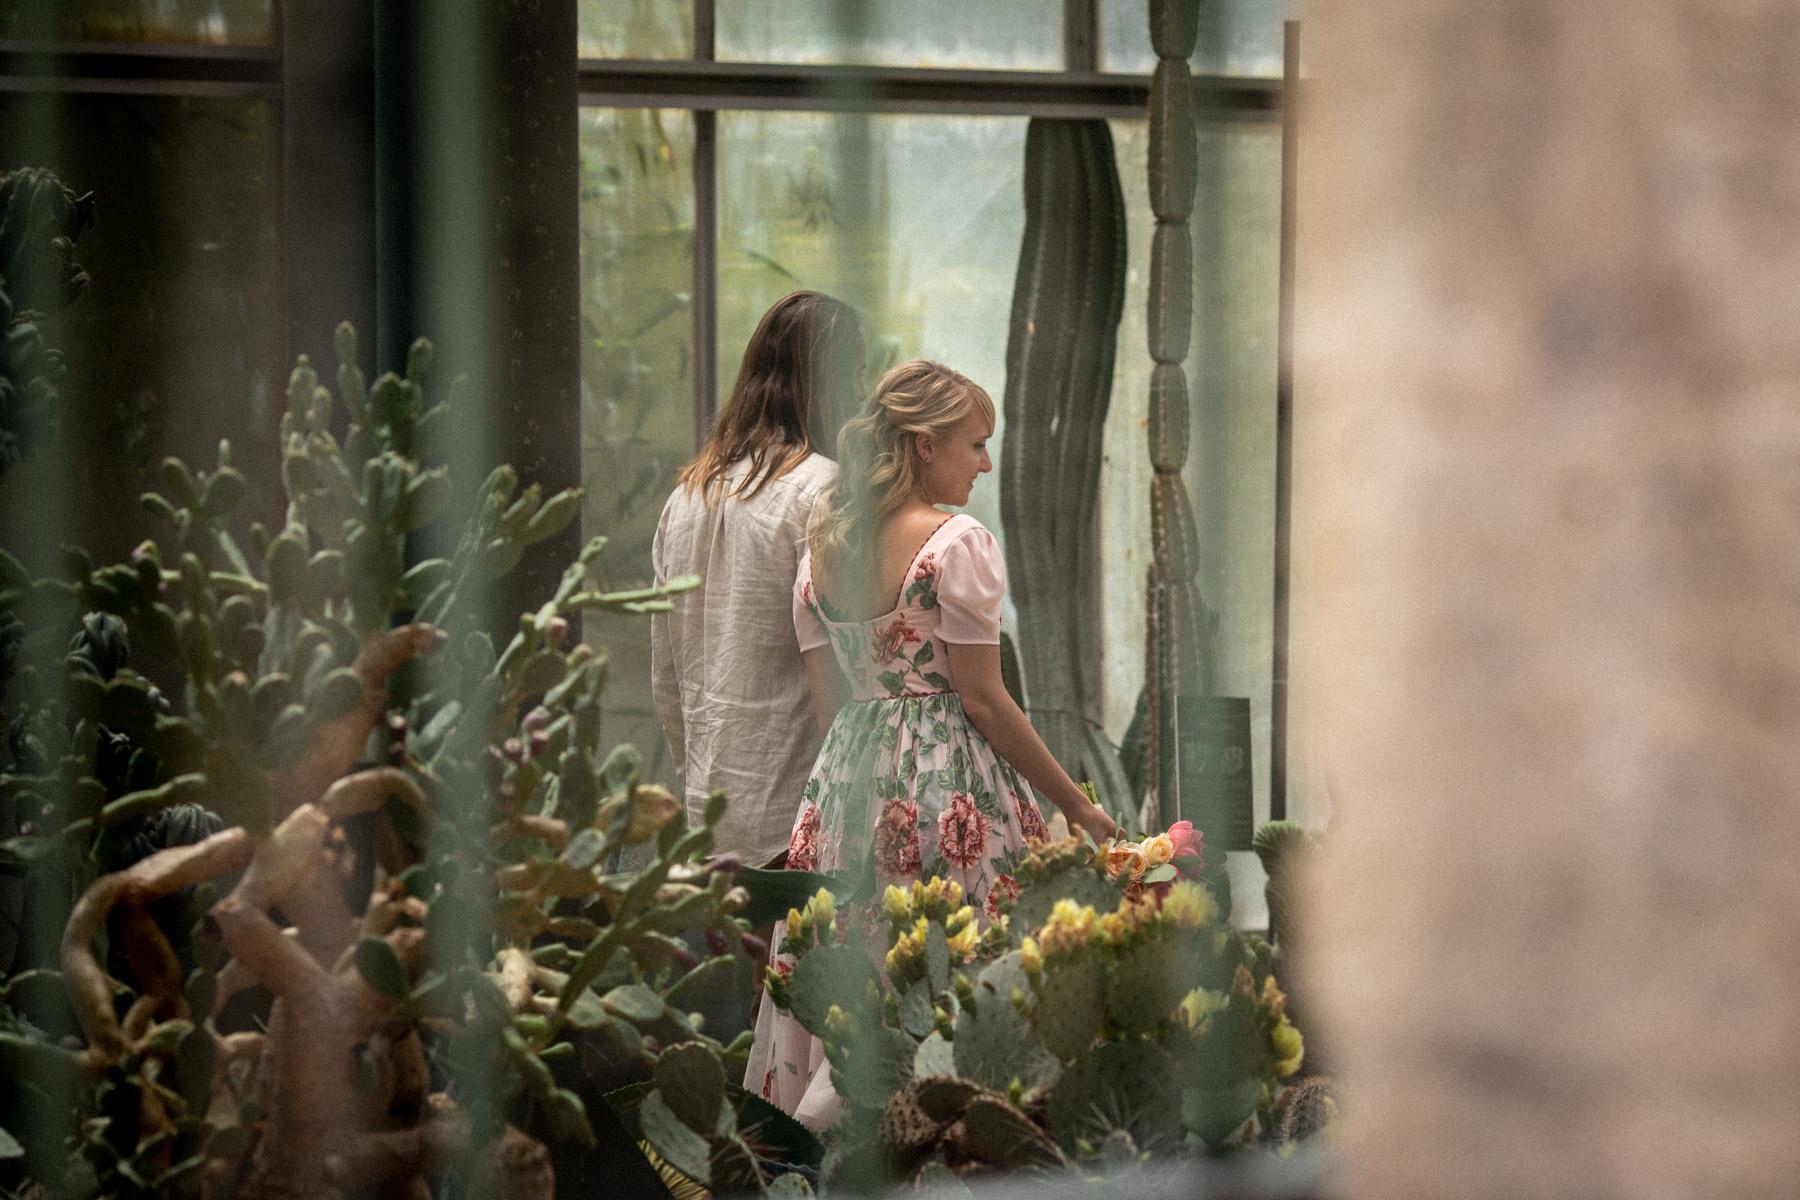 Serre de l'Amérique latine, Italie Elopement Image | Les époux ont choisi cet endroit pour une promenade relaxante après la cérémonie